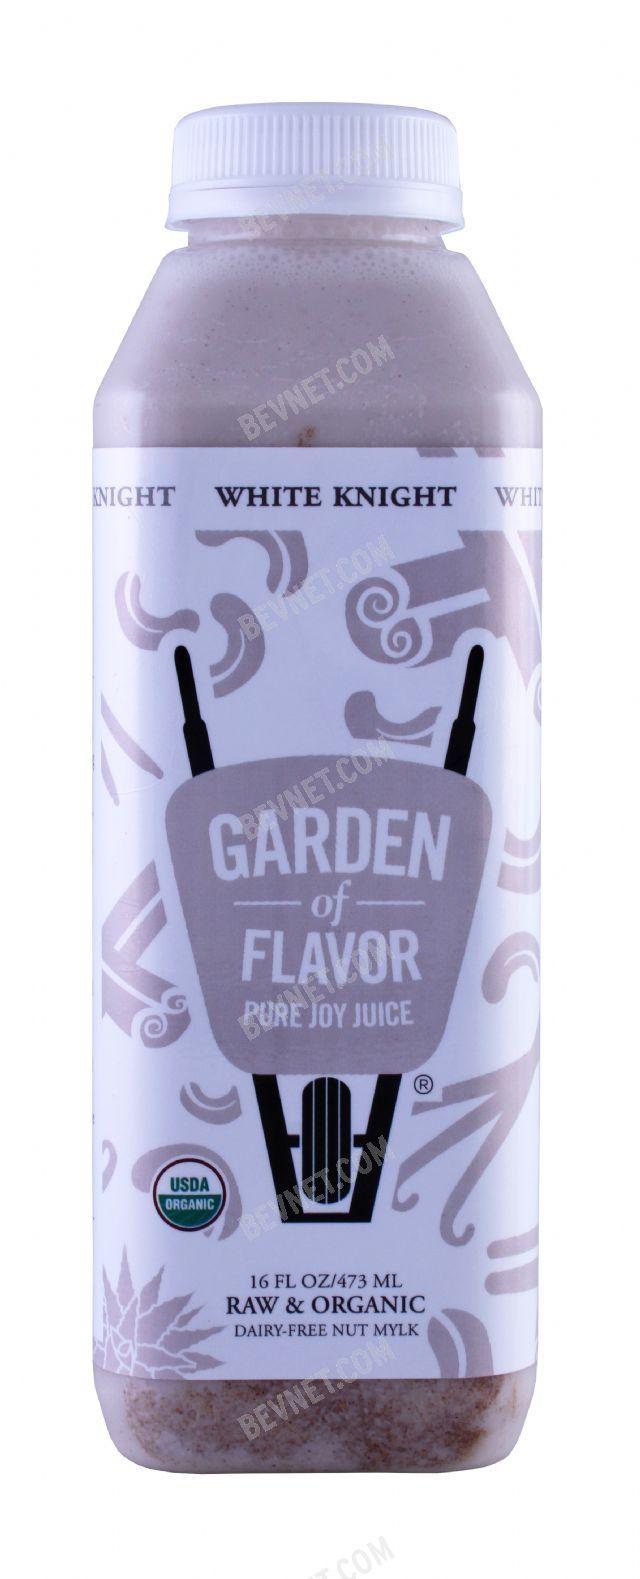 Garden of Flavor: